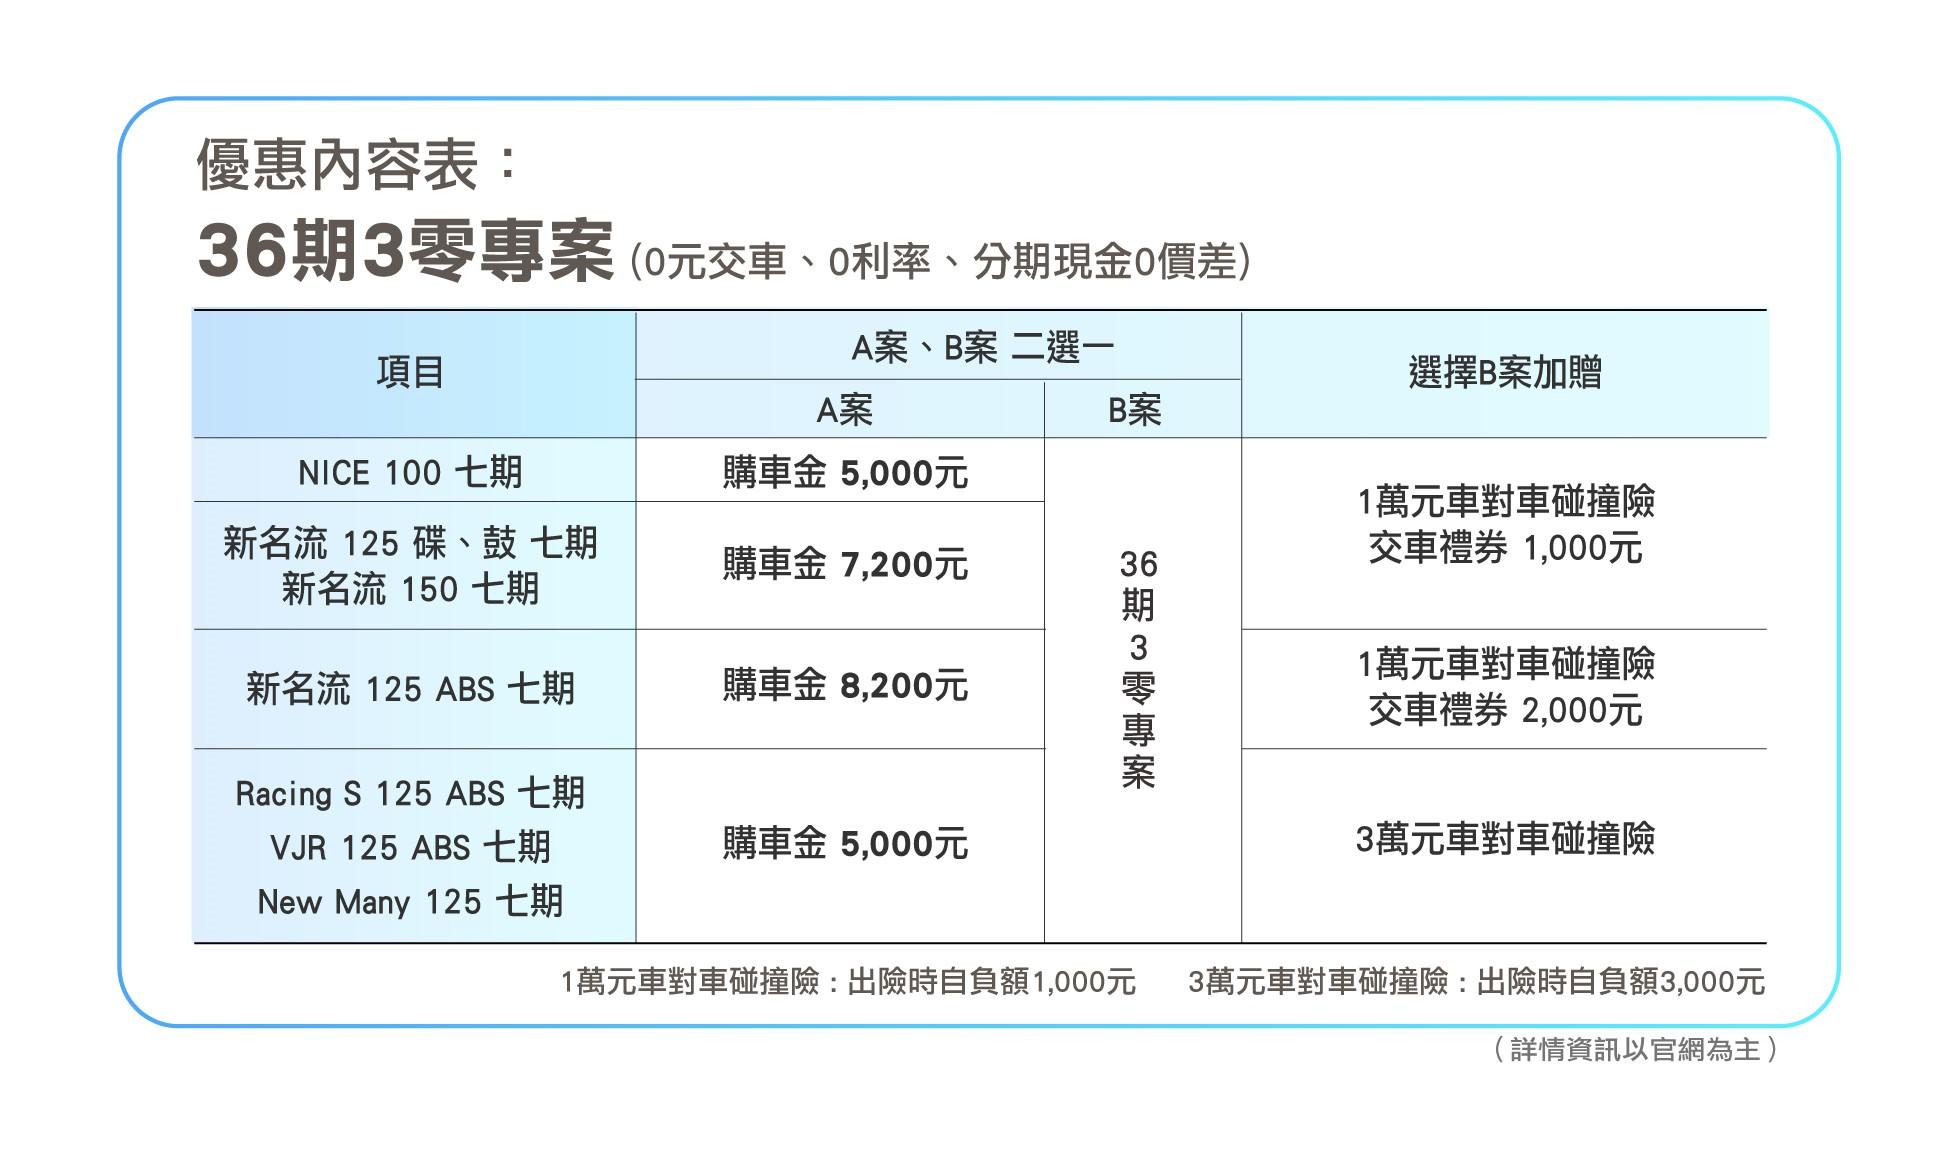 光陽機車趁勢推出「三0購車優惠方案」,主打「零利率」、「零元交車」、「現金分期零價差」等優惠內容。